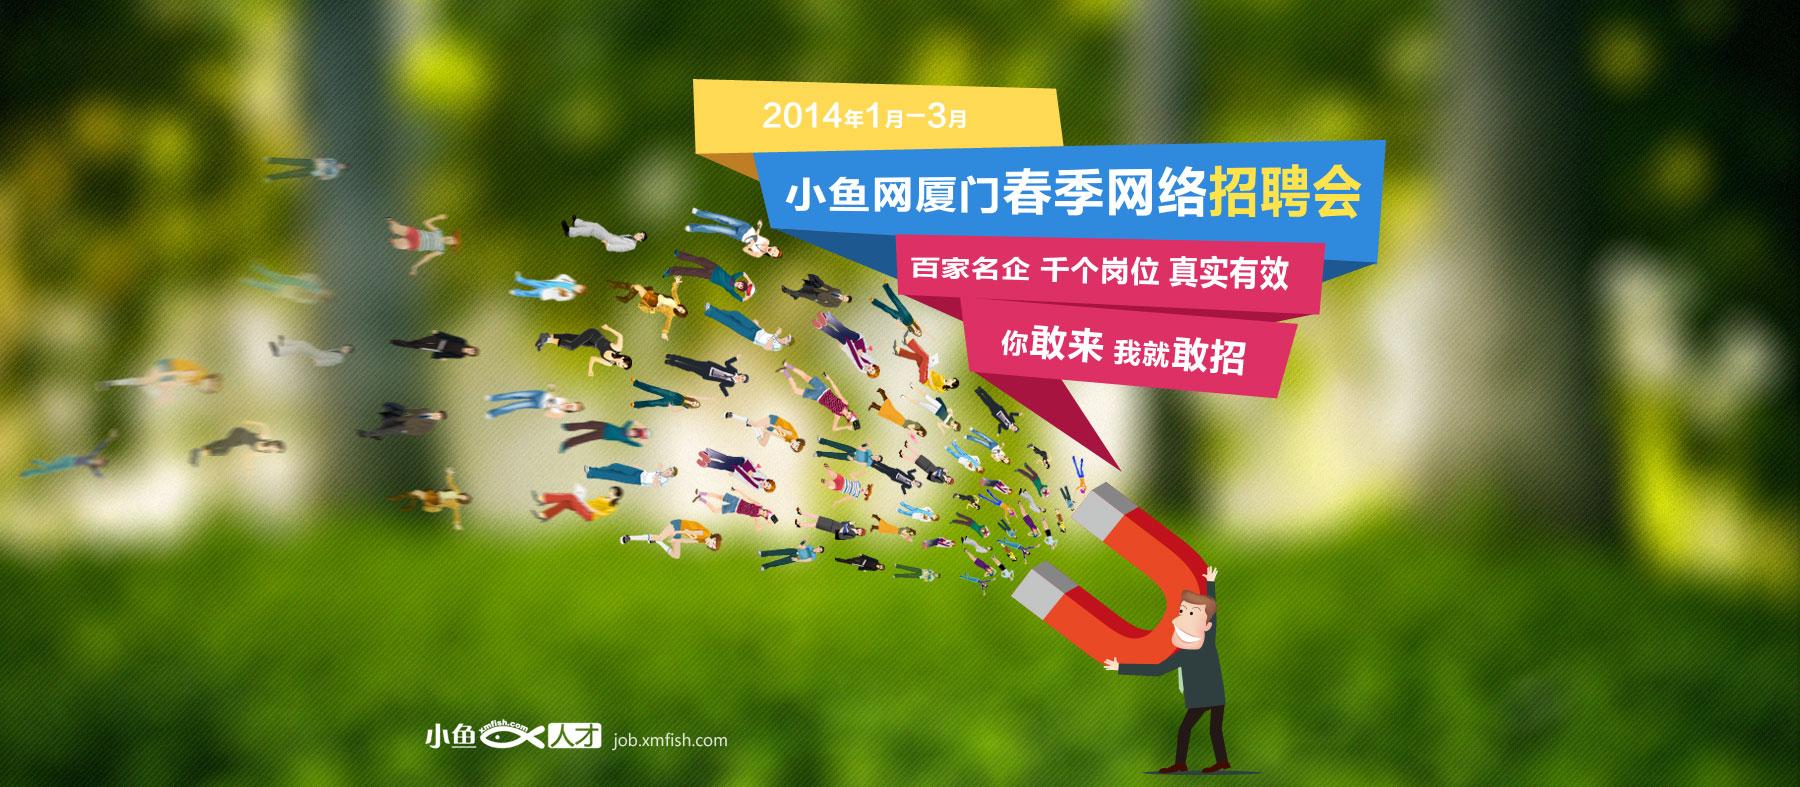 2014小鱼网厦门春季网络招聘会